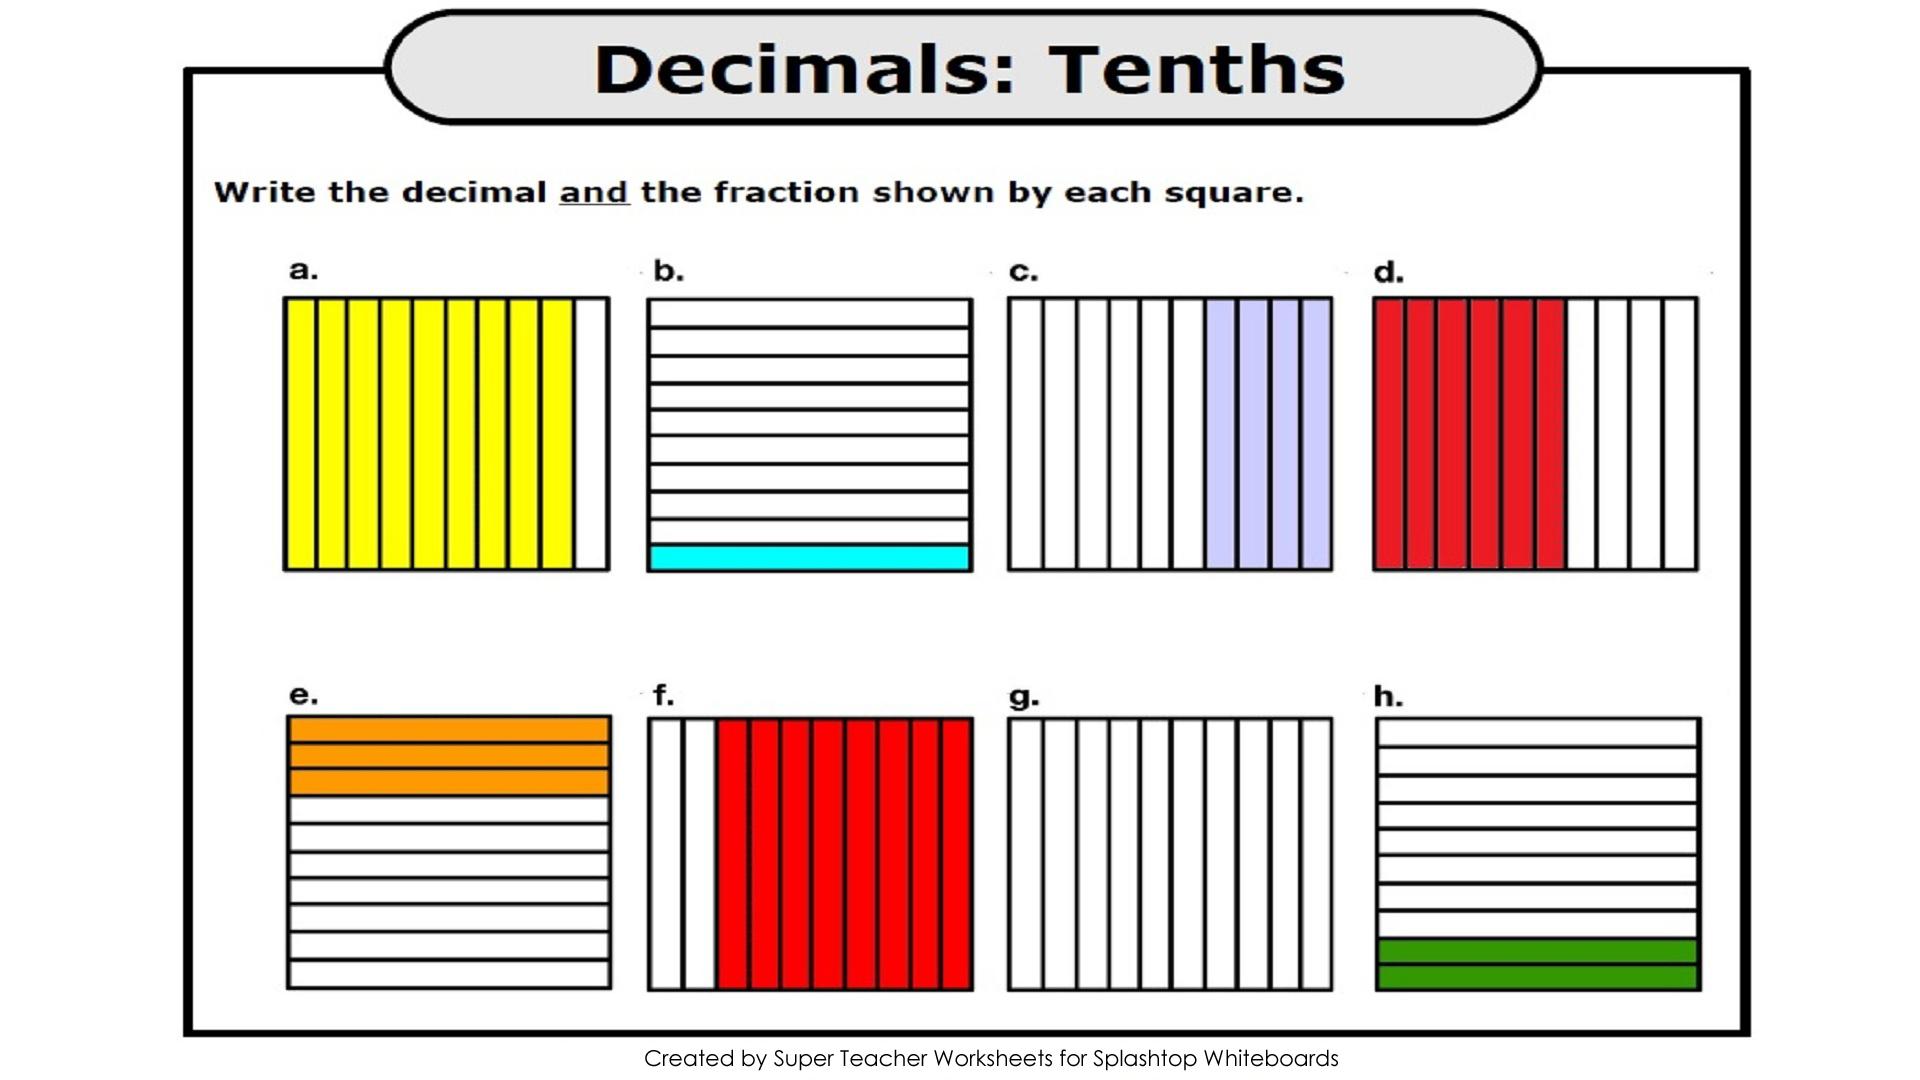 Super Teacher Worksheets Decimals